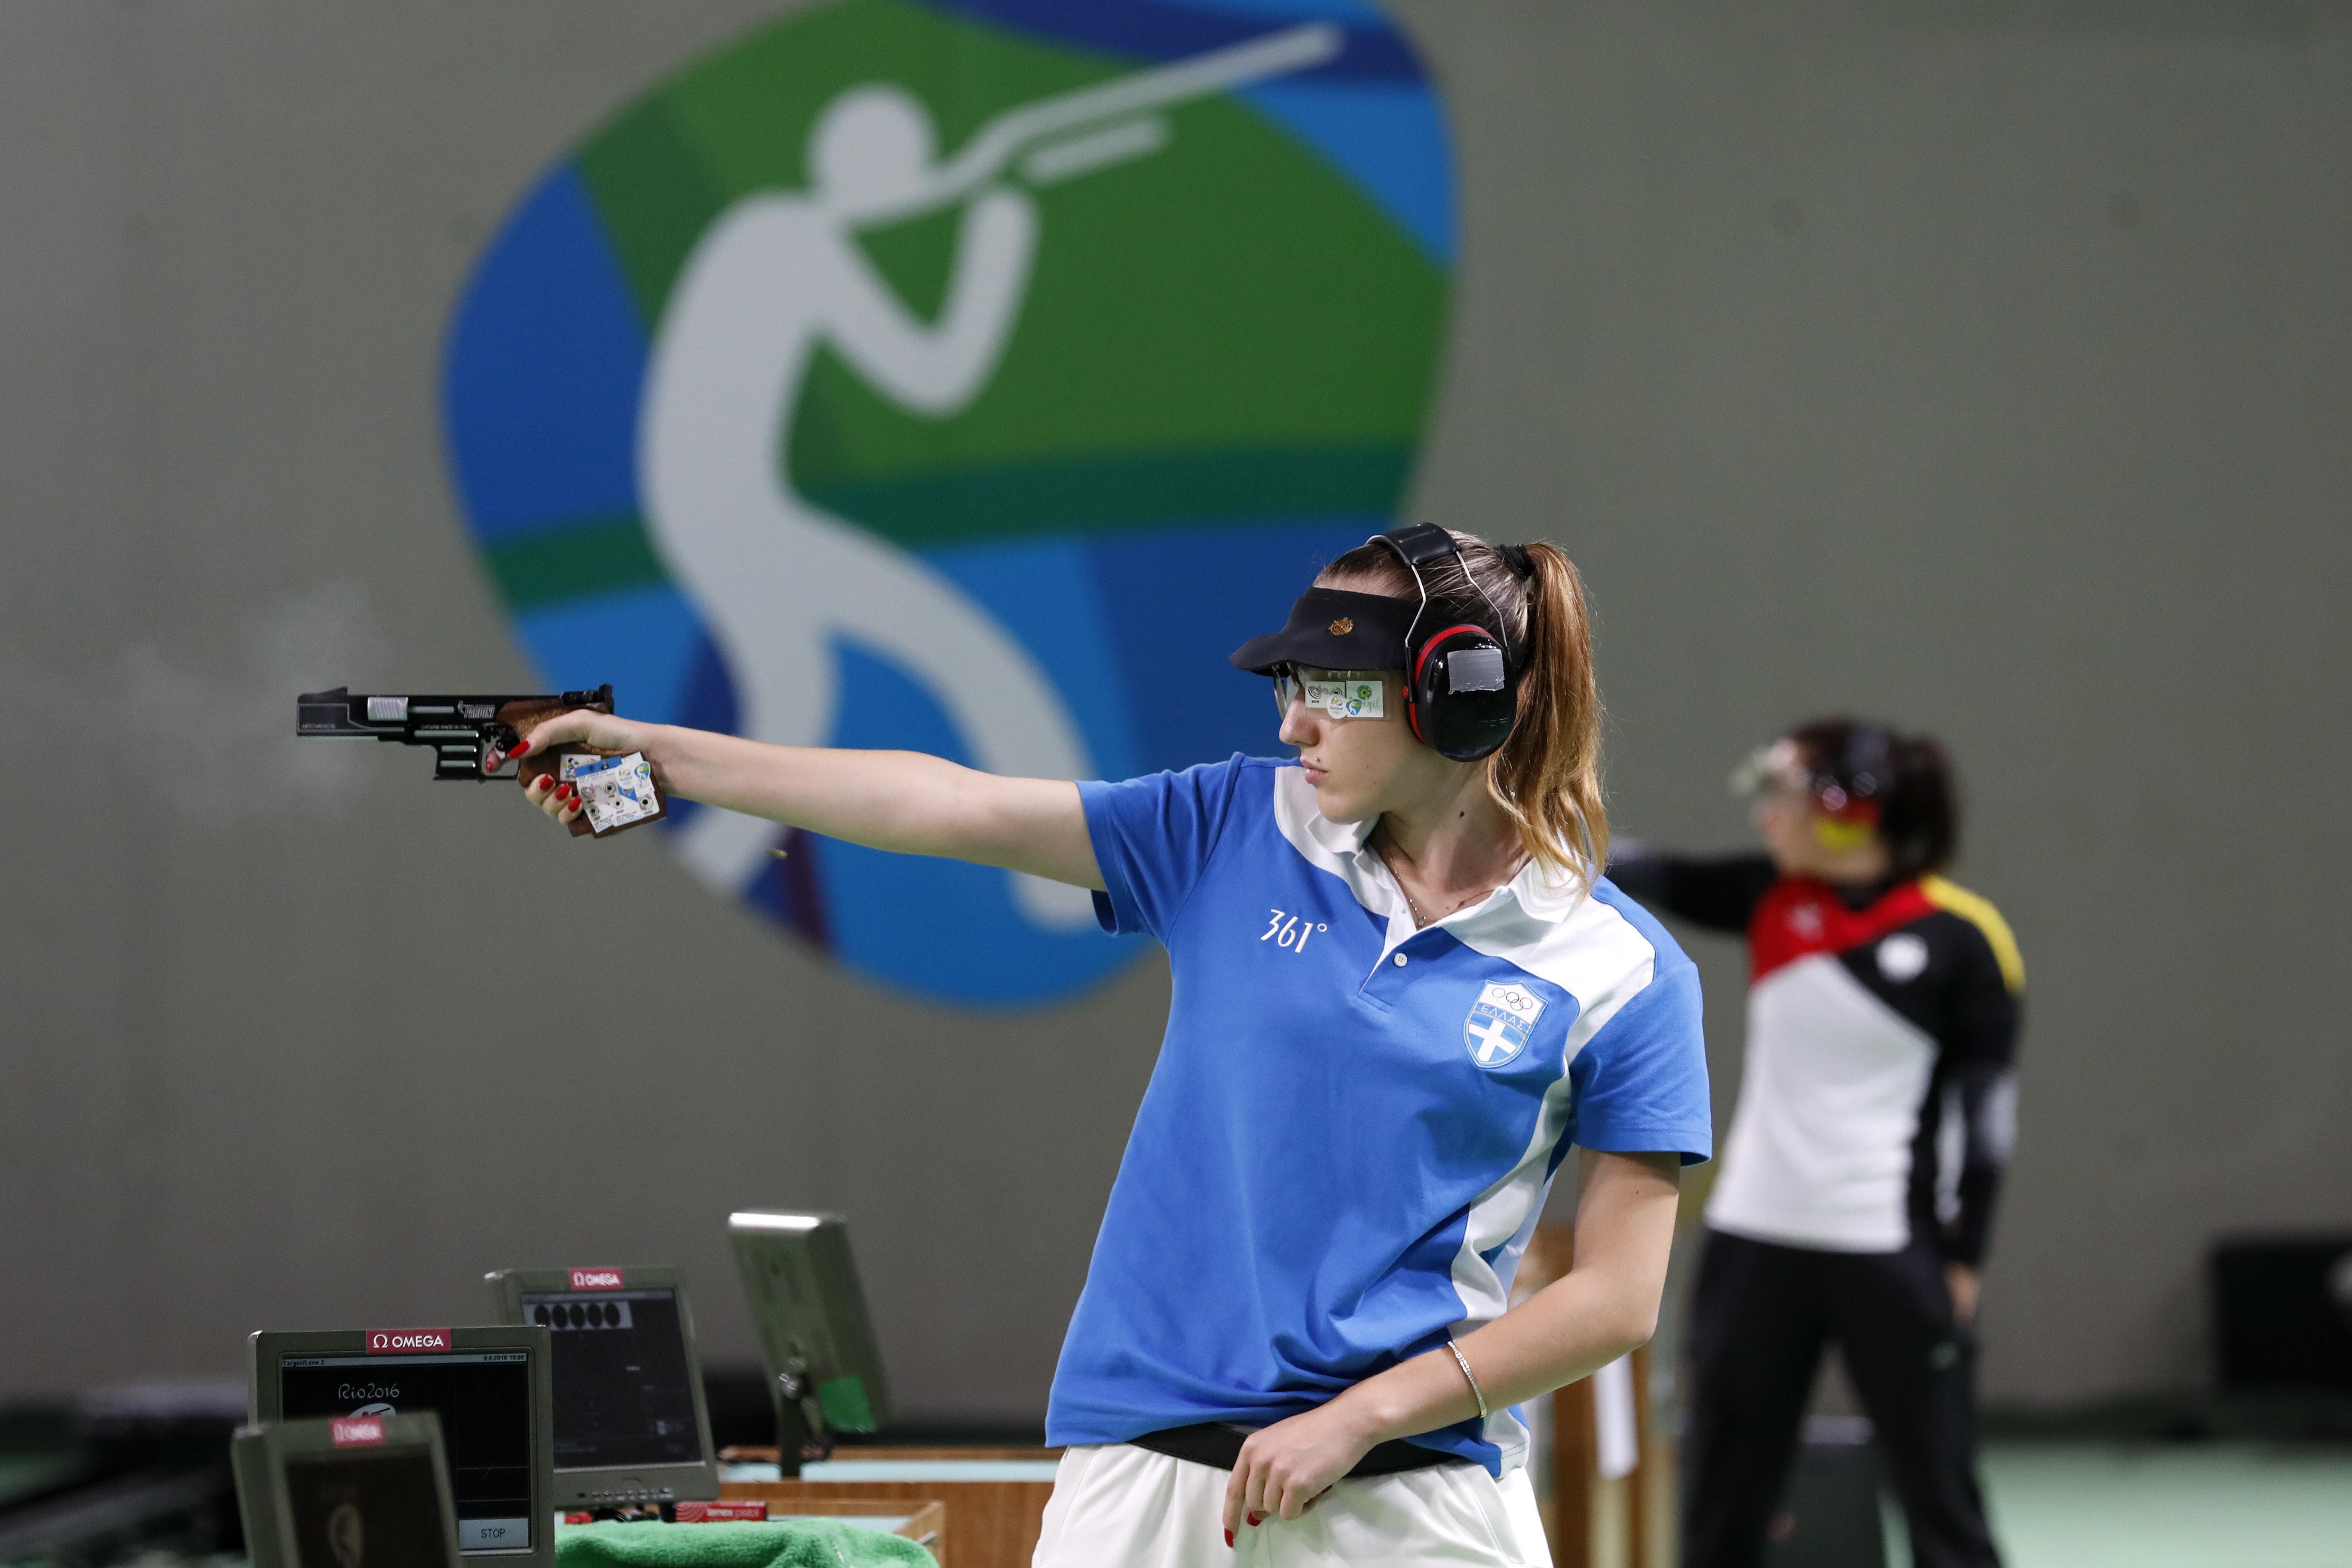 Παγκόσμια πρωταθλήτρια η Άννα Κορακάκη στο αεροβόλο πιστόλι 10μ. | tovima.gr